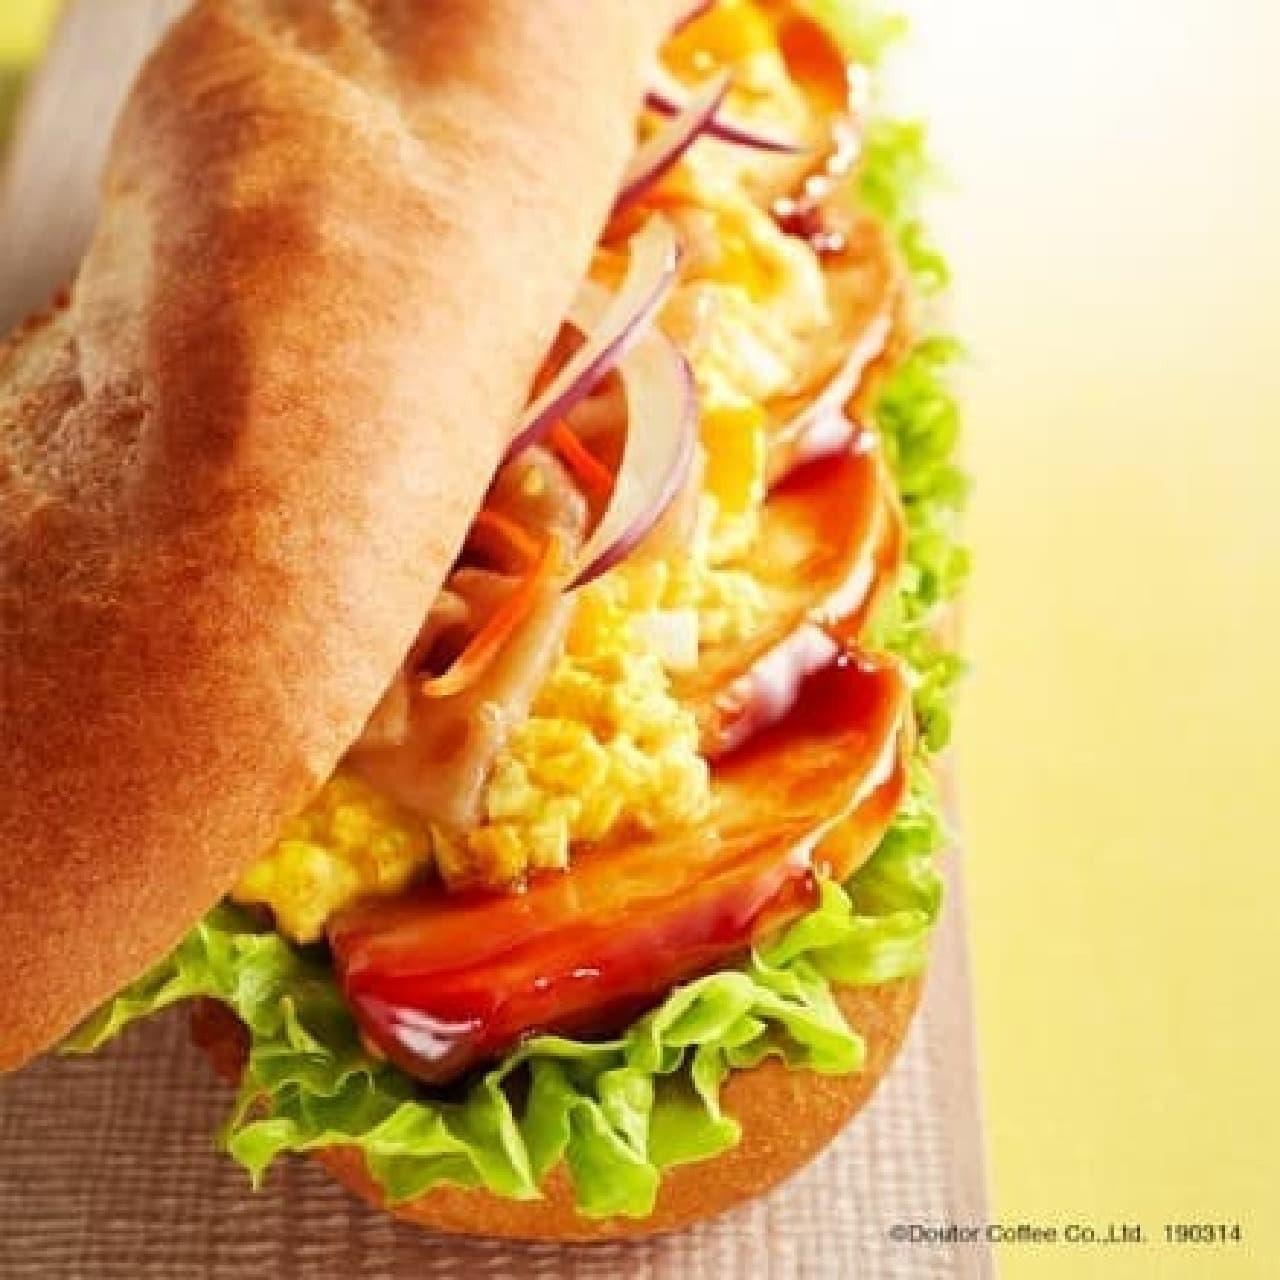 ドトール「ミラノサンドC 照り焼きチキンとタマゴサラダ」